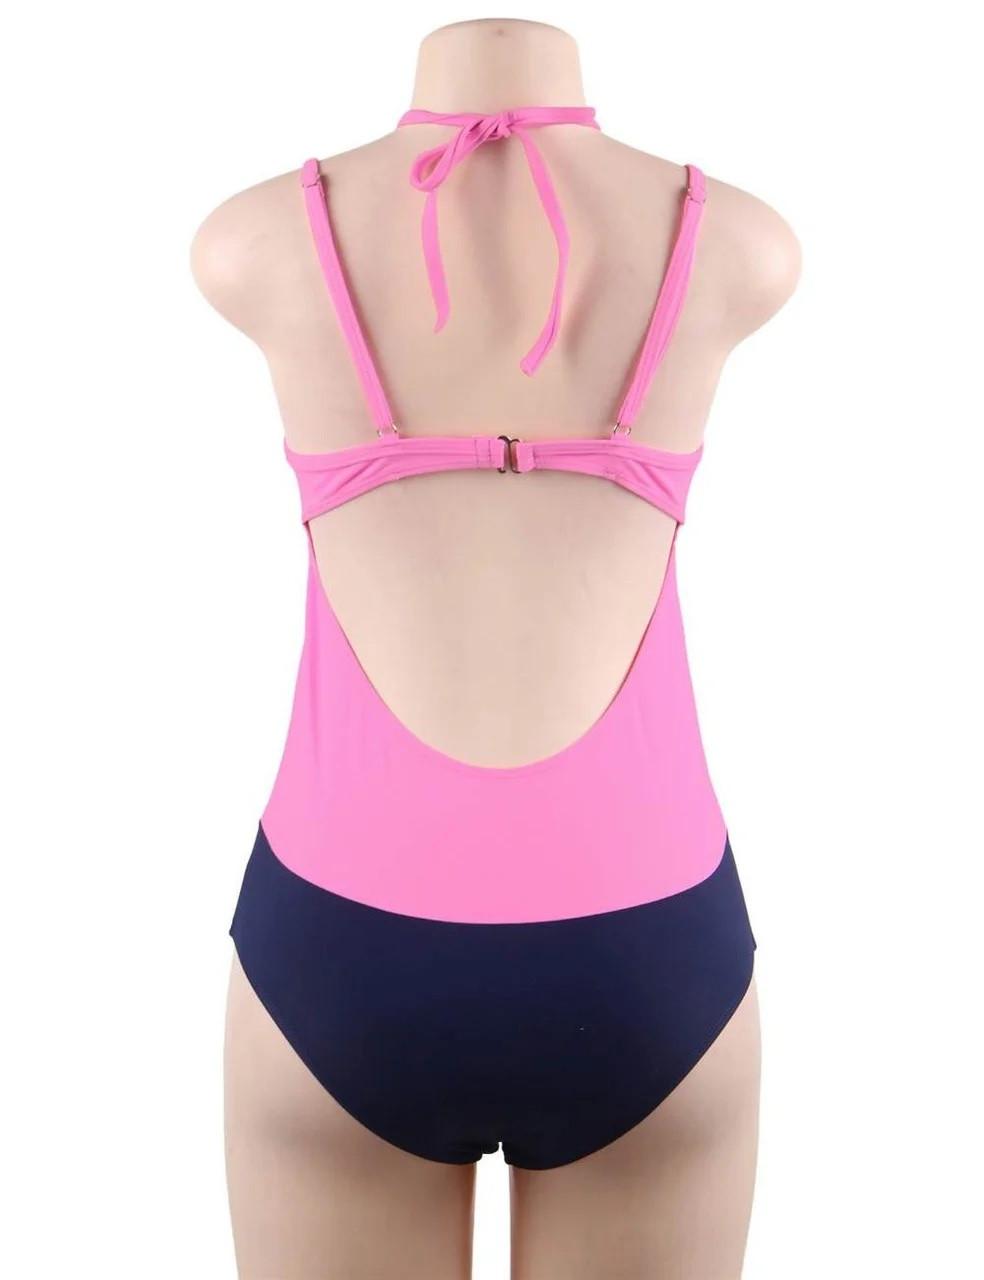 Купальник слитный Sexy Push Up Pink S, M, L, XL M - фото 4